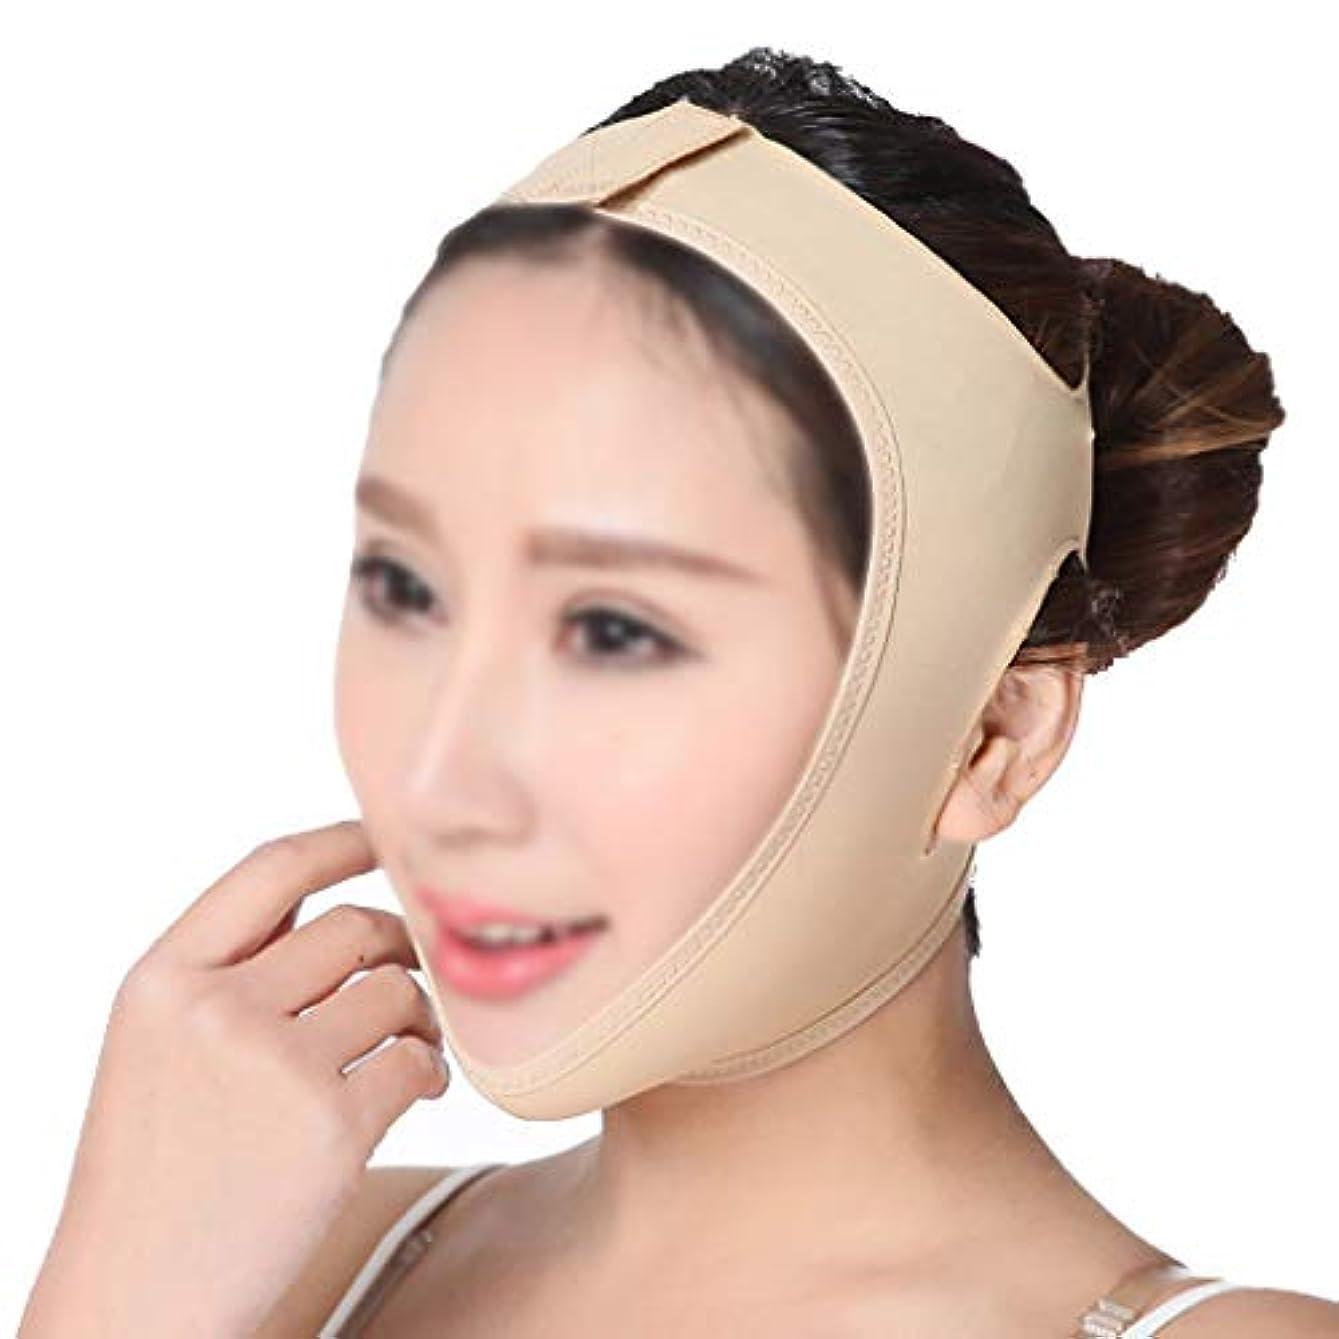 お増加する入手しますXHLMRMJ 薄い顔包帯顔スリム二重あごを取り除くVラインの顔の形を作成するあごの頬リフトアップ抗しわを持ち上げるベルトフェイスマッサージツール (Size : XL)